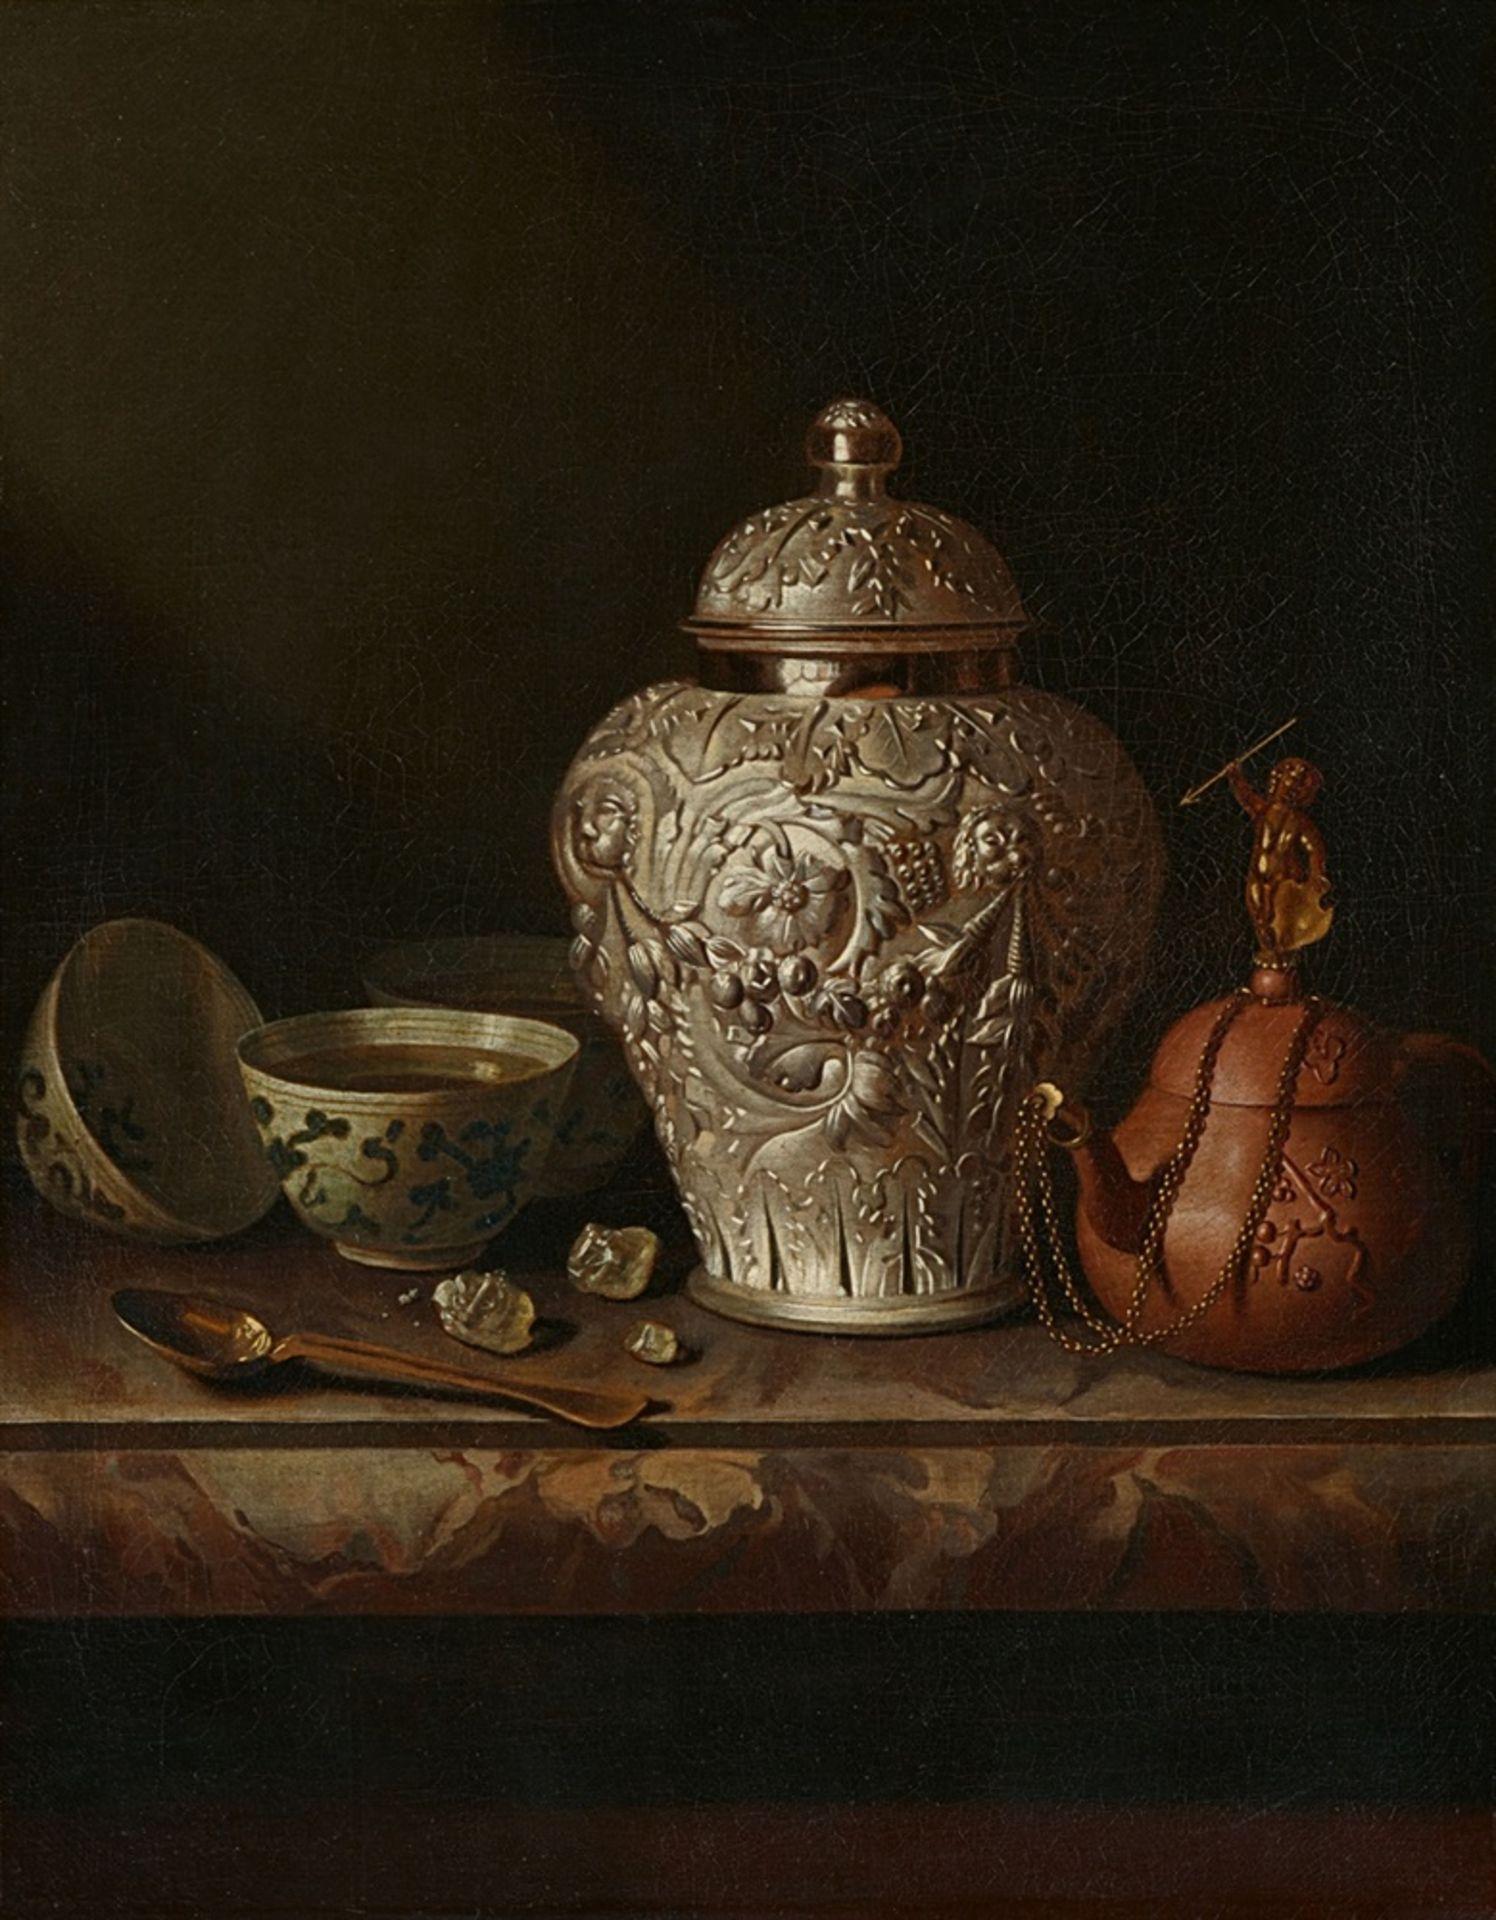 Pieter Gerritsz. van RoestratenStillleben mit silberner Ingwerdose, Teekanne und anderen Gege